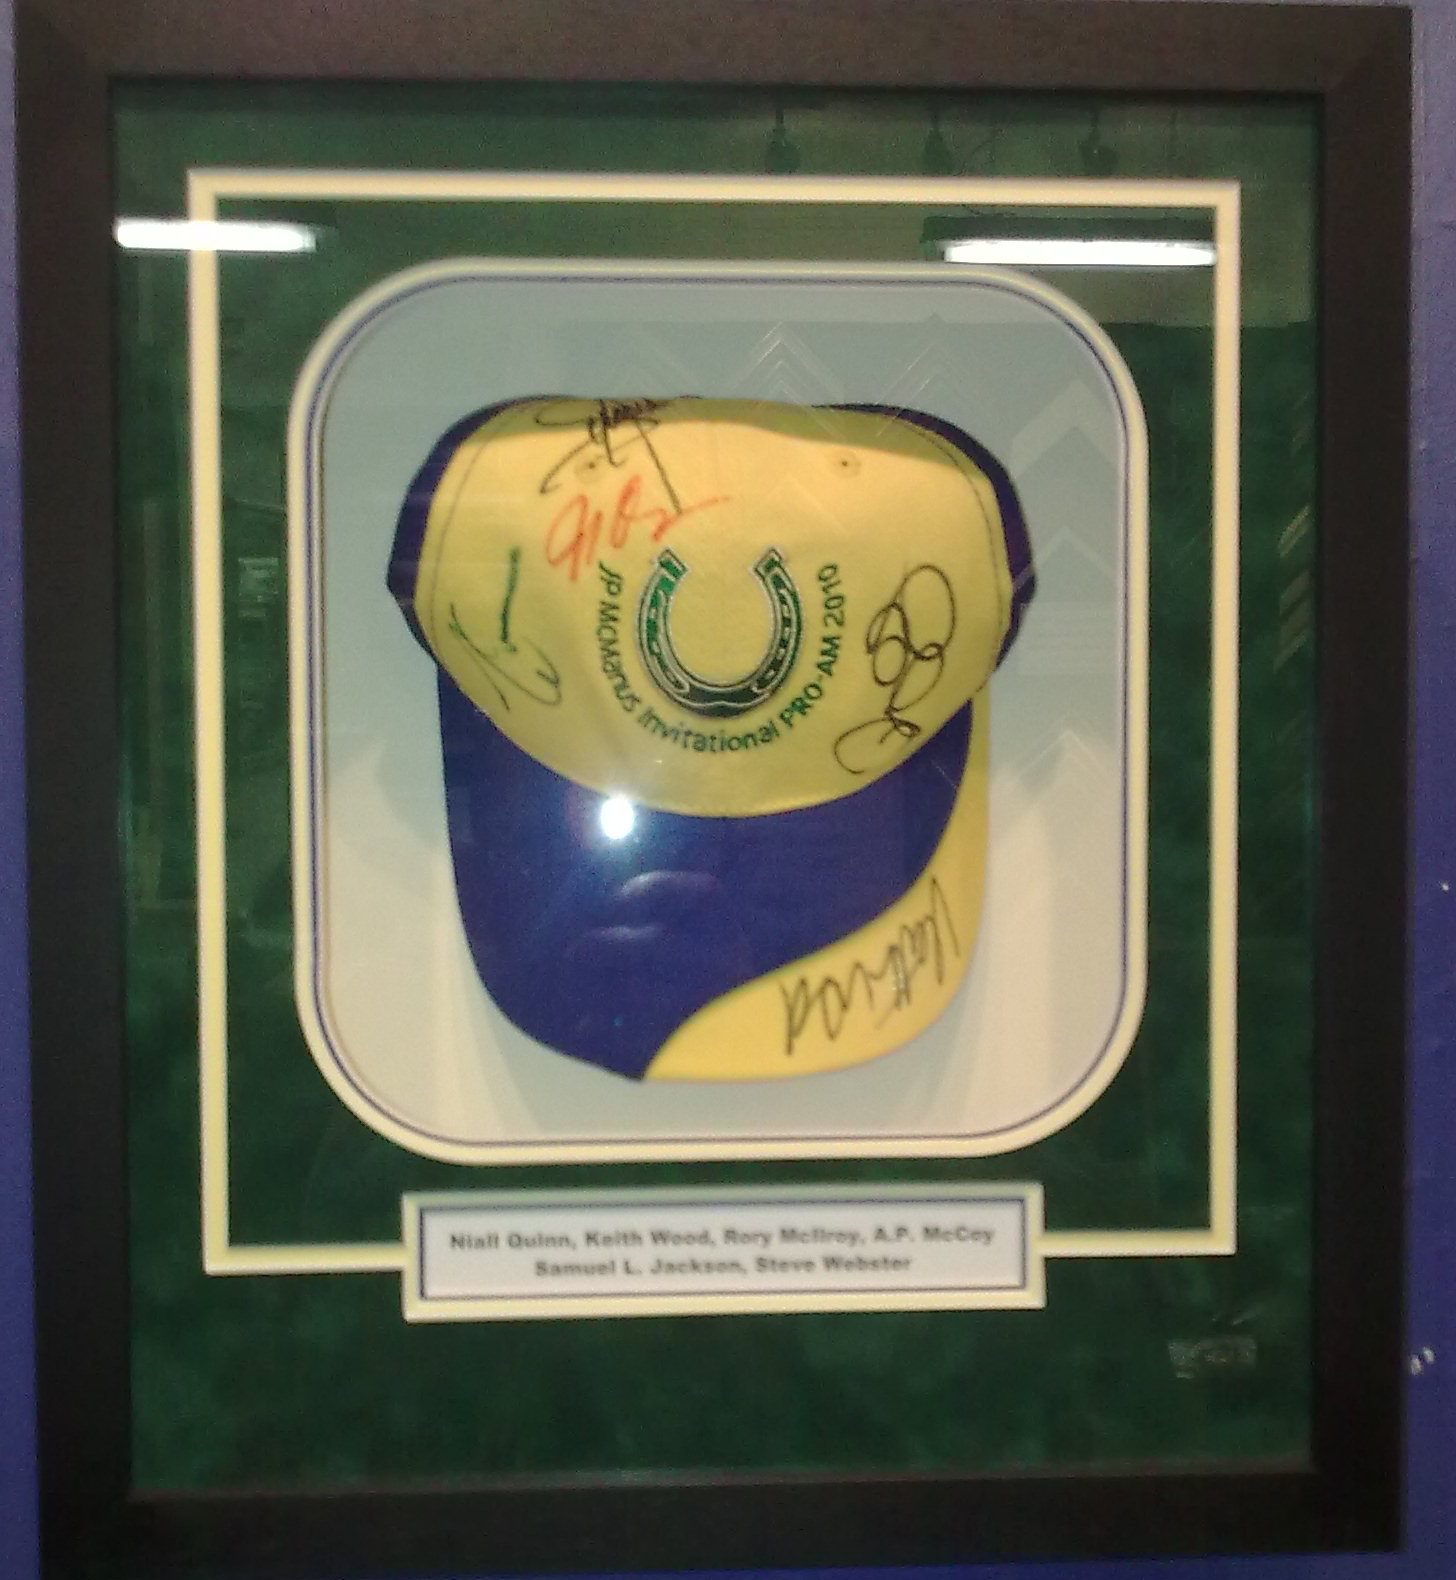 Framed cap